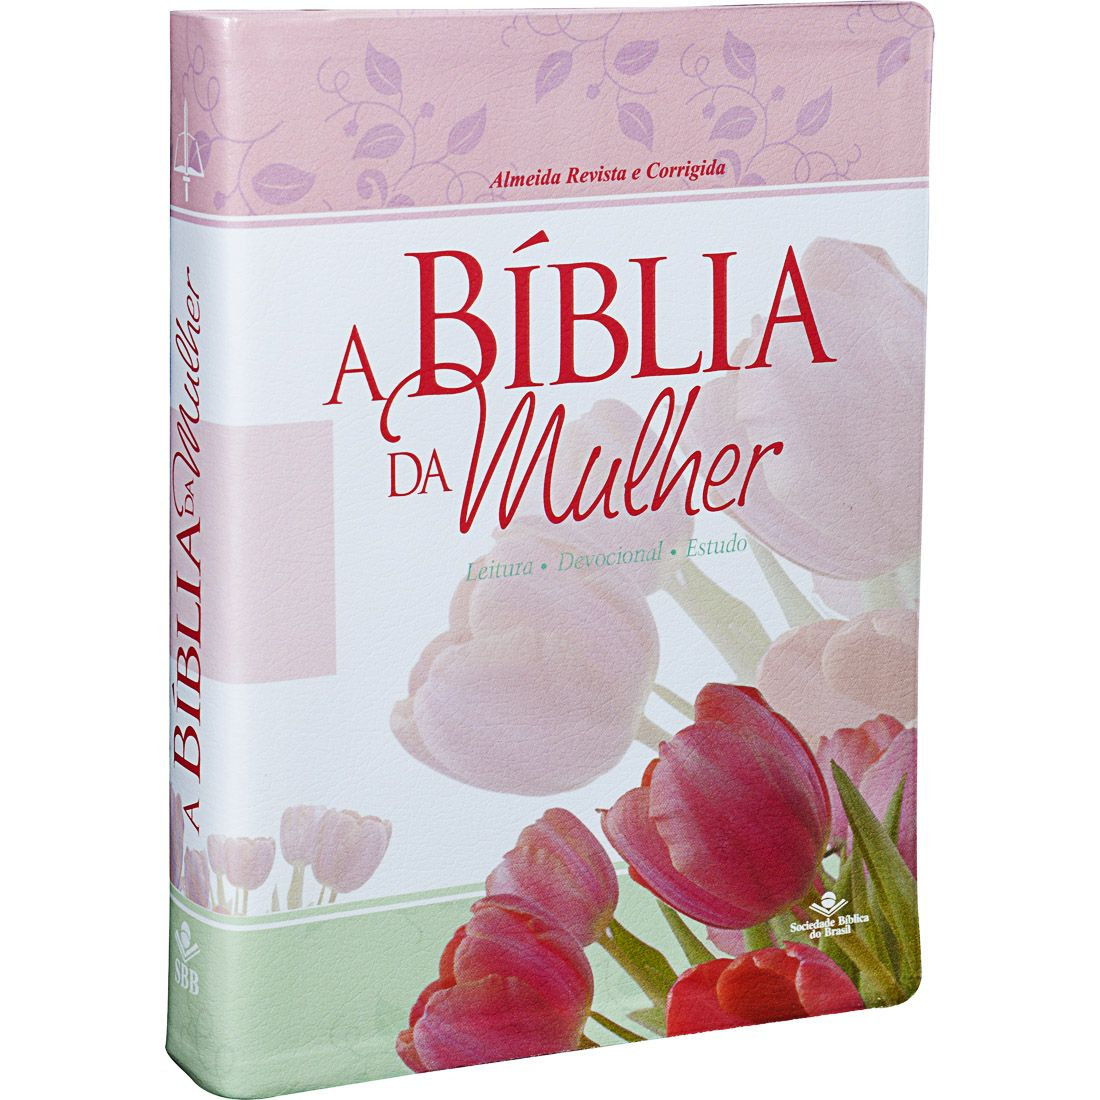 Bíblia Evangélica Feminina de Estudo RC + Bíblia Com Harpa Letra Gigante Capa Flores Cerejeira RC